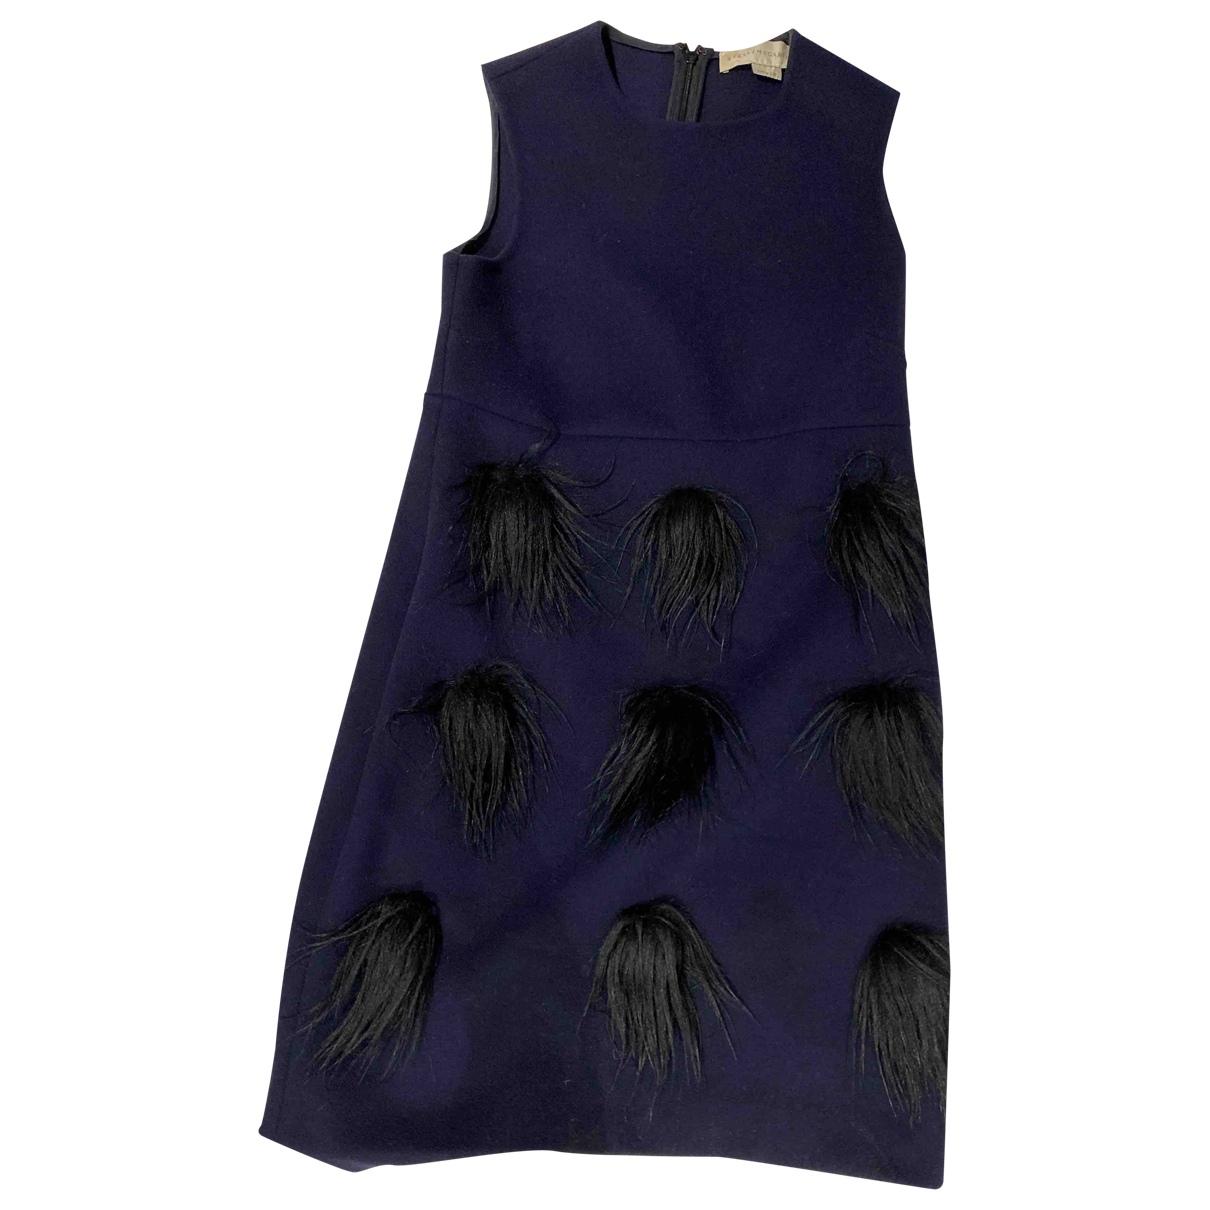 Stella Mccartney \N Kleid in  Blau Wolle